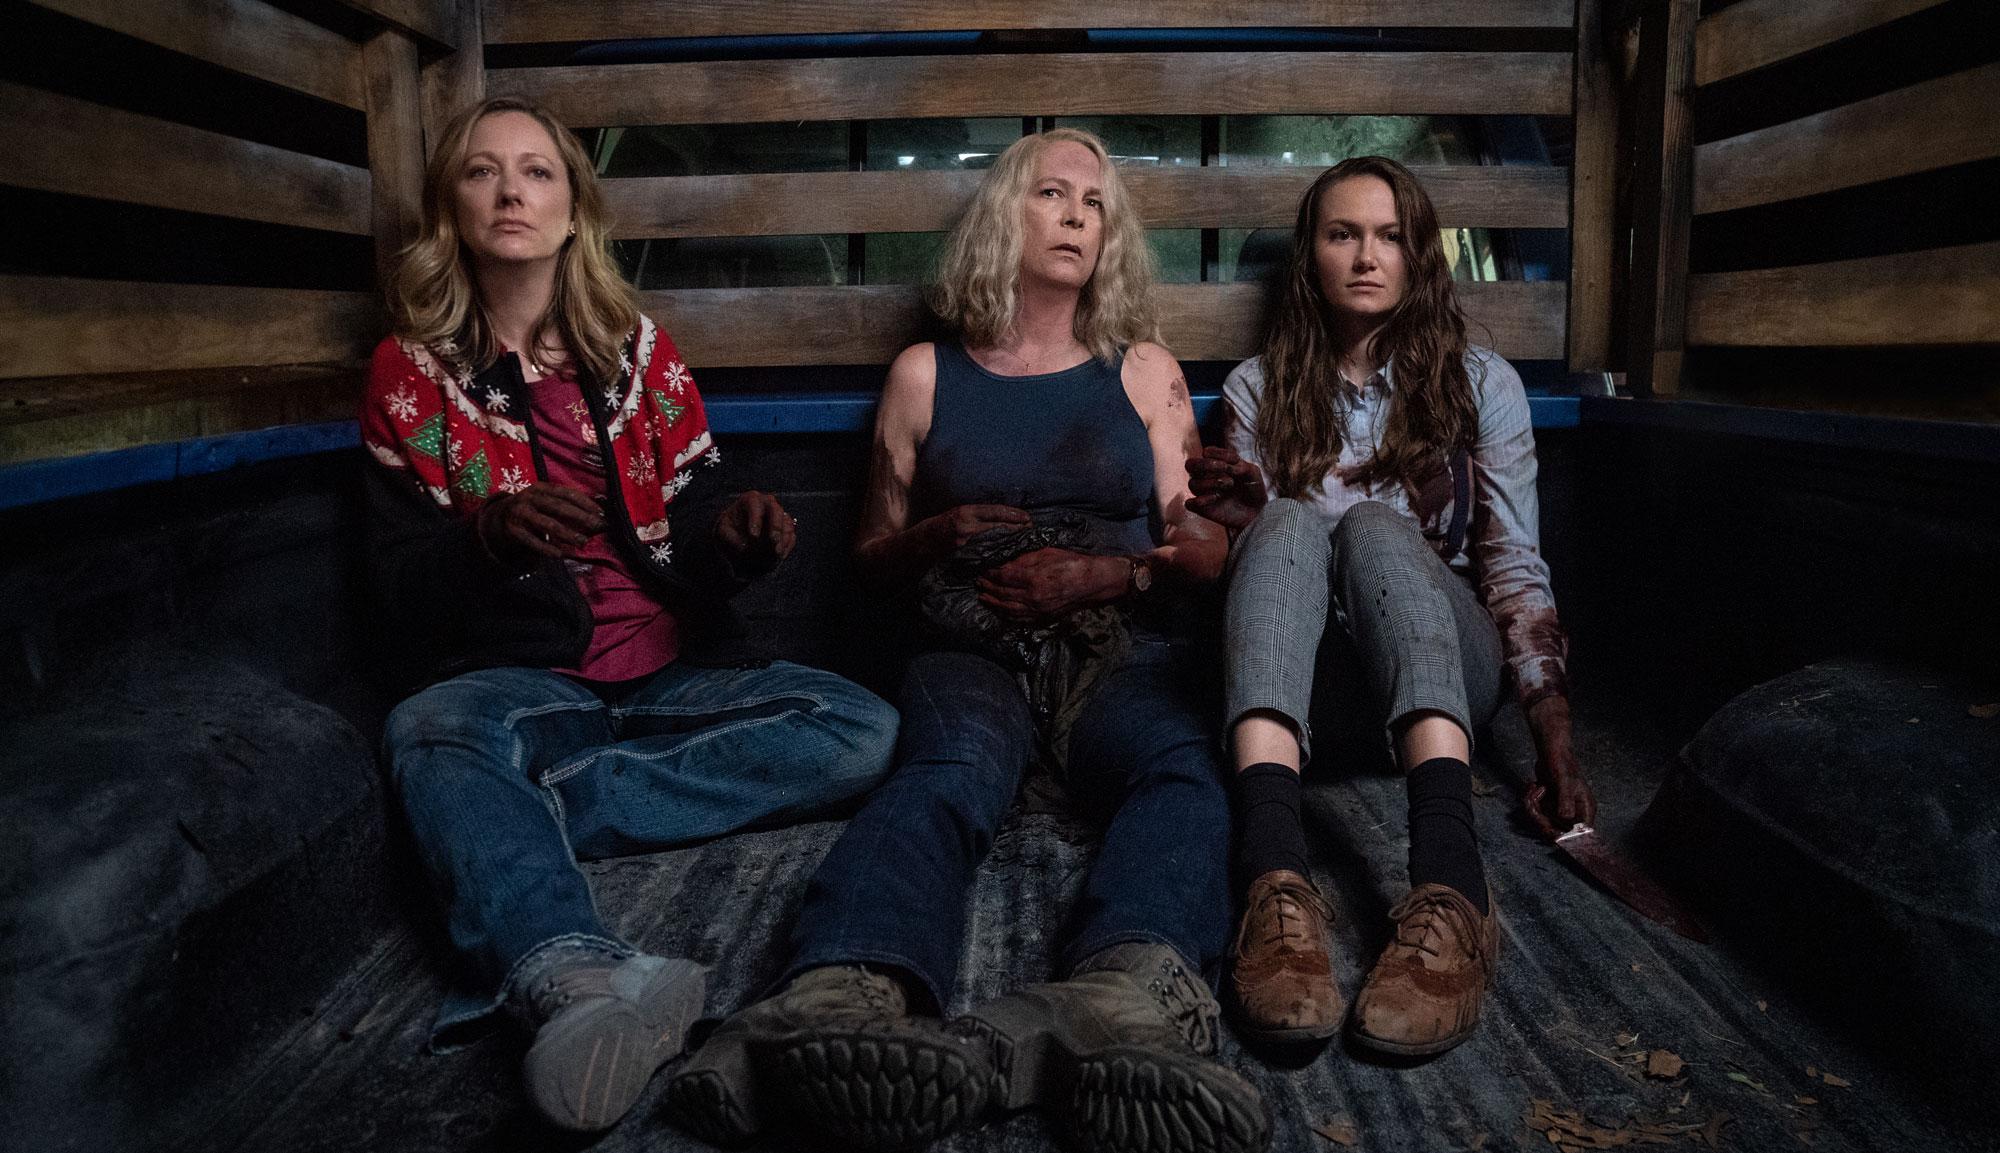 """Jamie Lee Curtis, Judy Greer and Andi Matichak in """"Halloween Kills"""""""